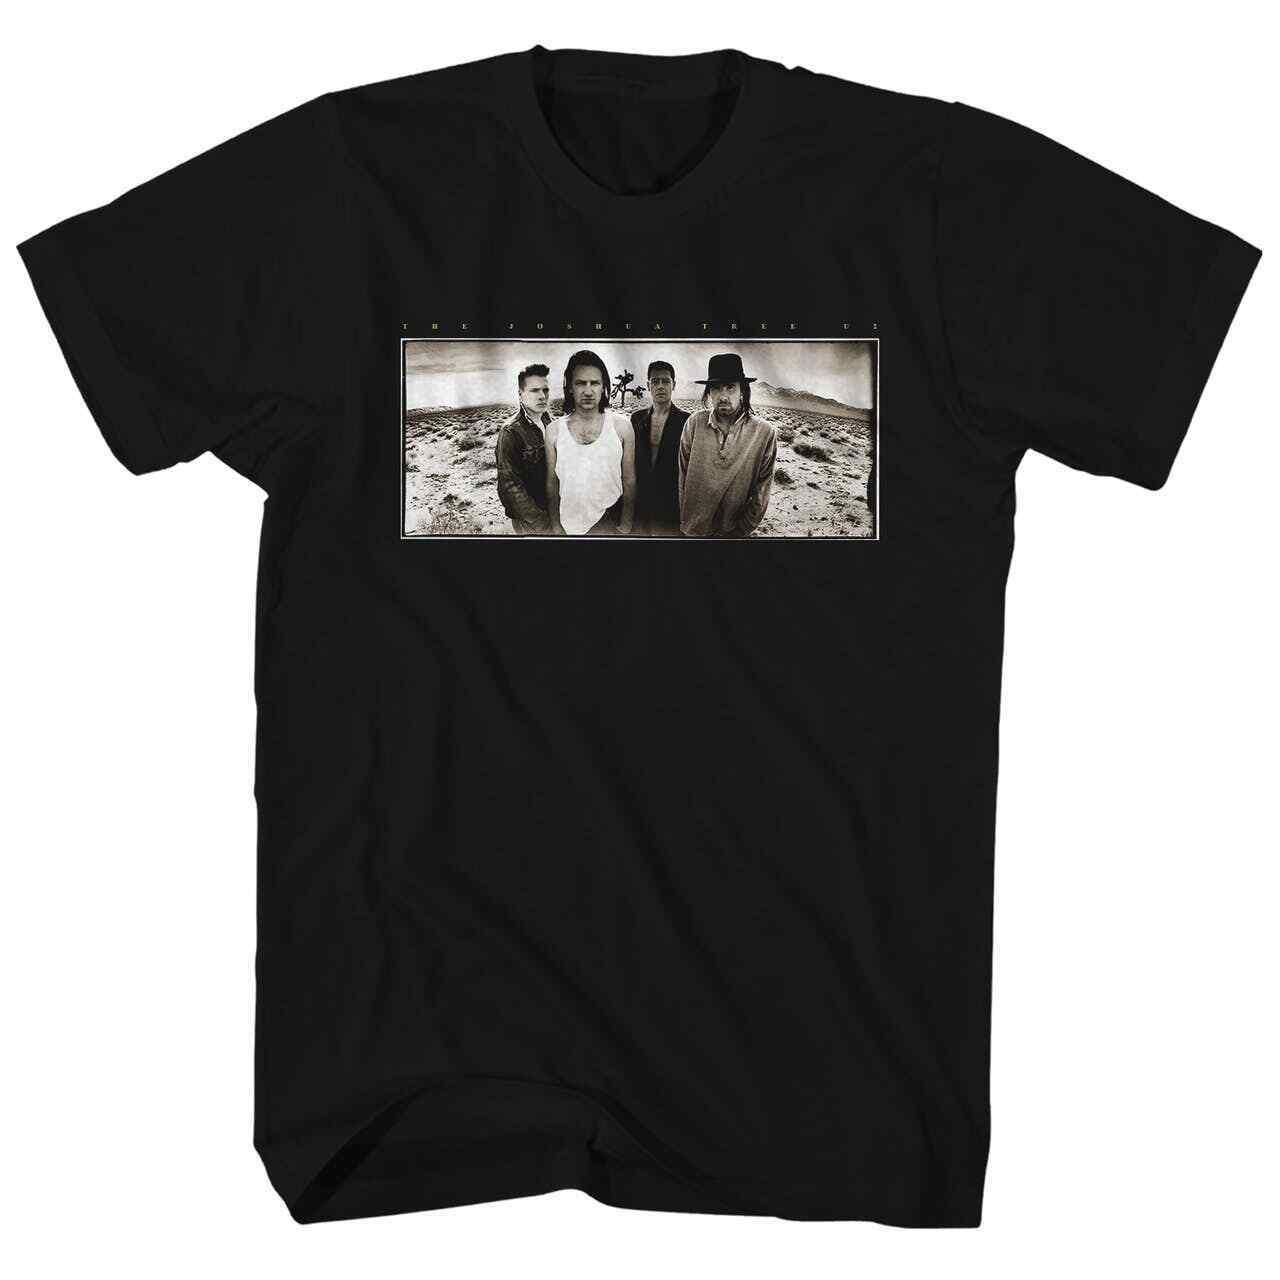 U2 футболка с изображением Джошуа дерева бесплатная доставка